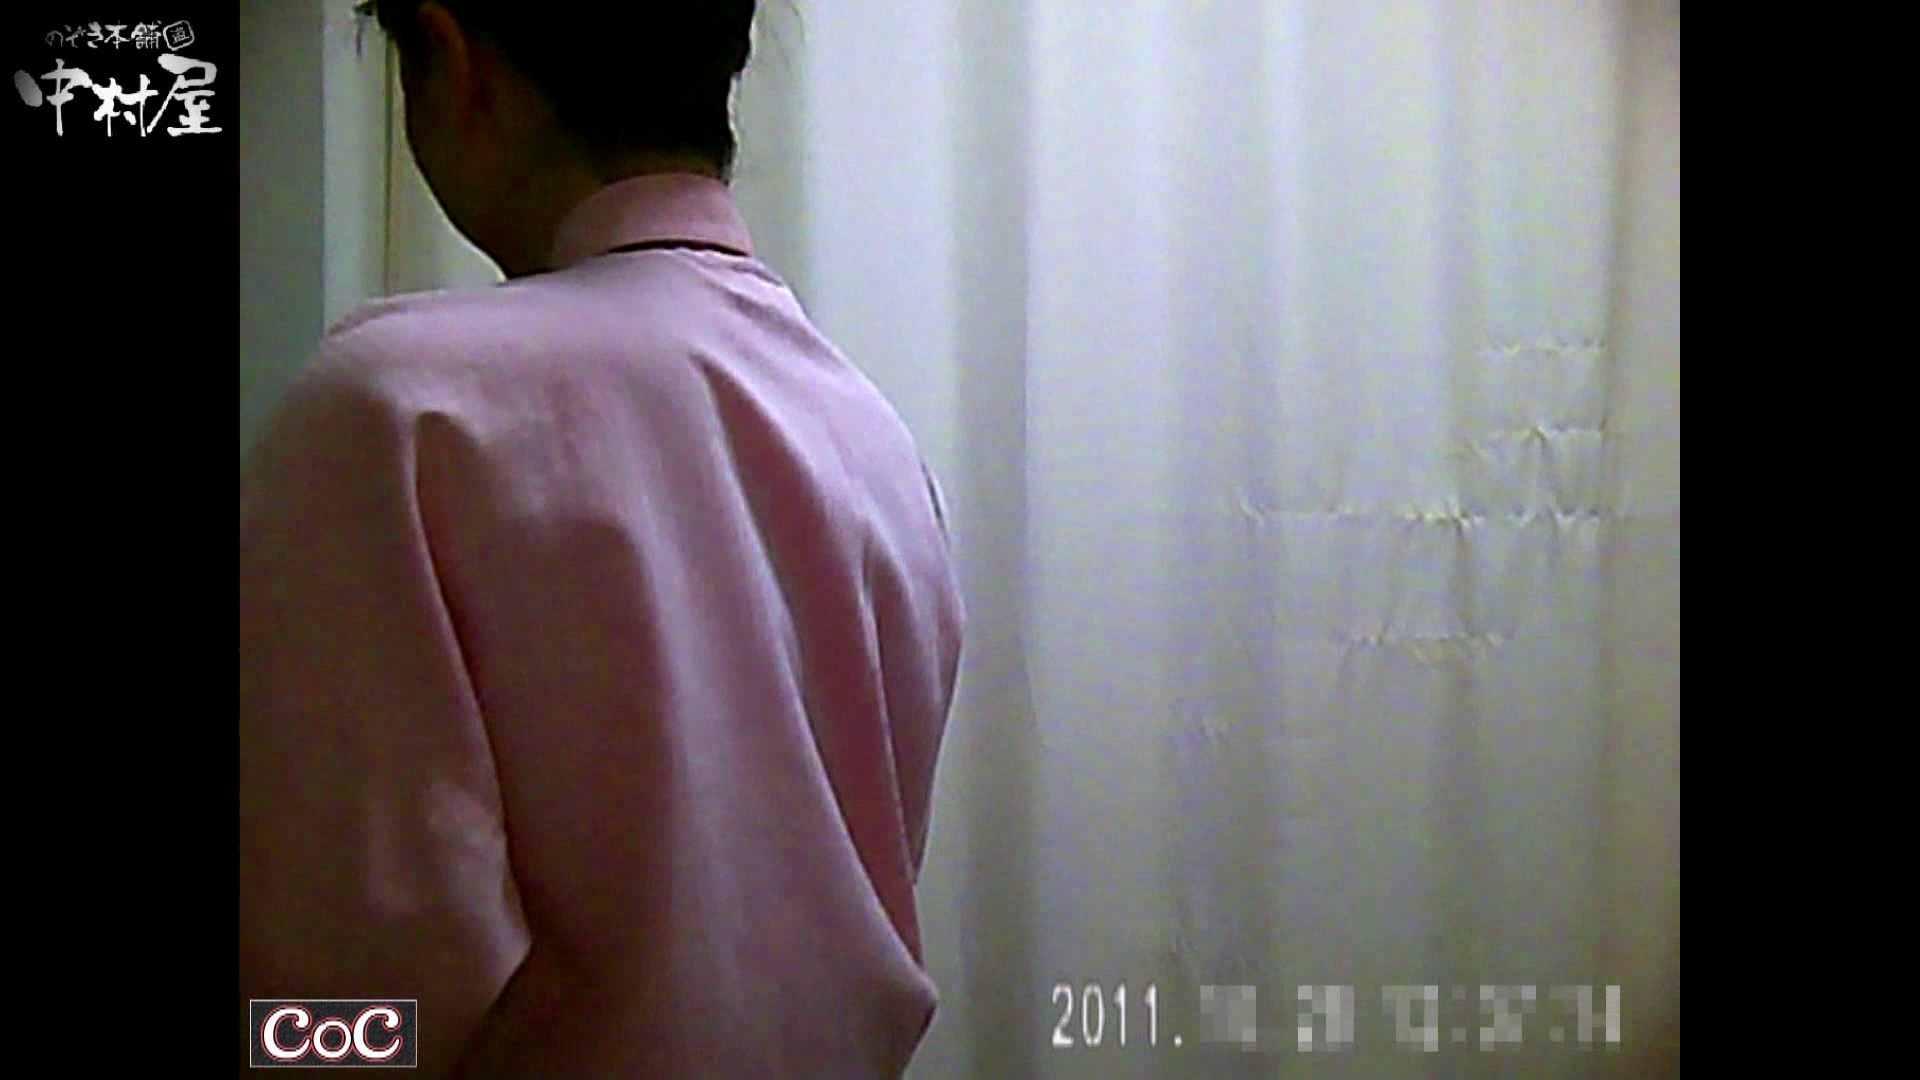 激ヤバ健康診断!着替えの一部始終.vol.75※本編ボカシ・目線無し ナースのエロ動画 ヌード画像 77PIX 59